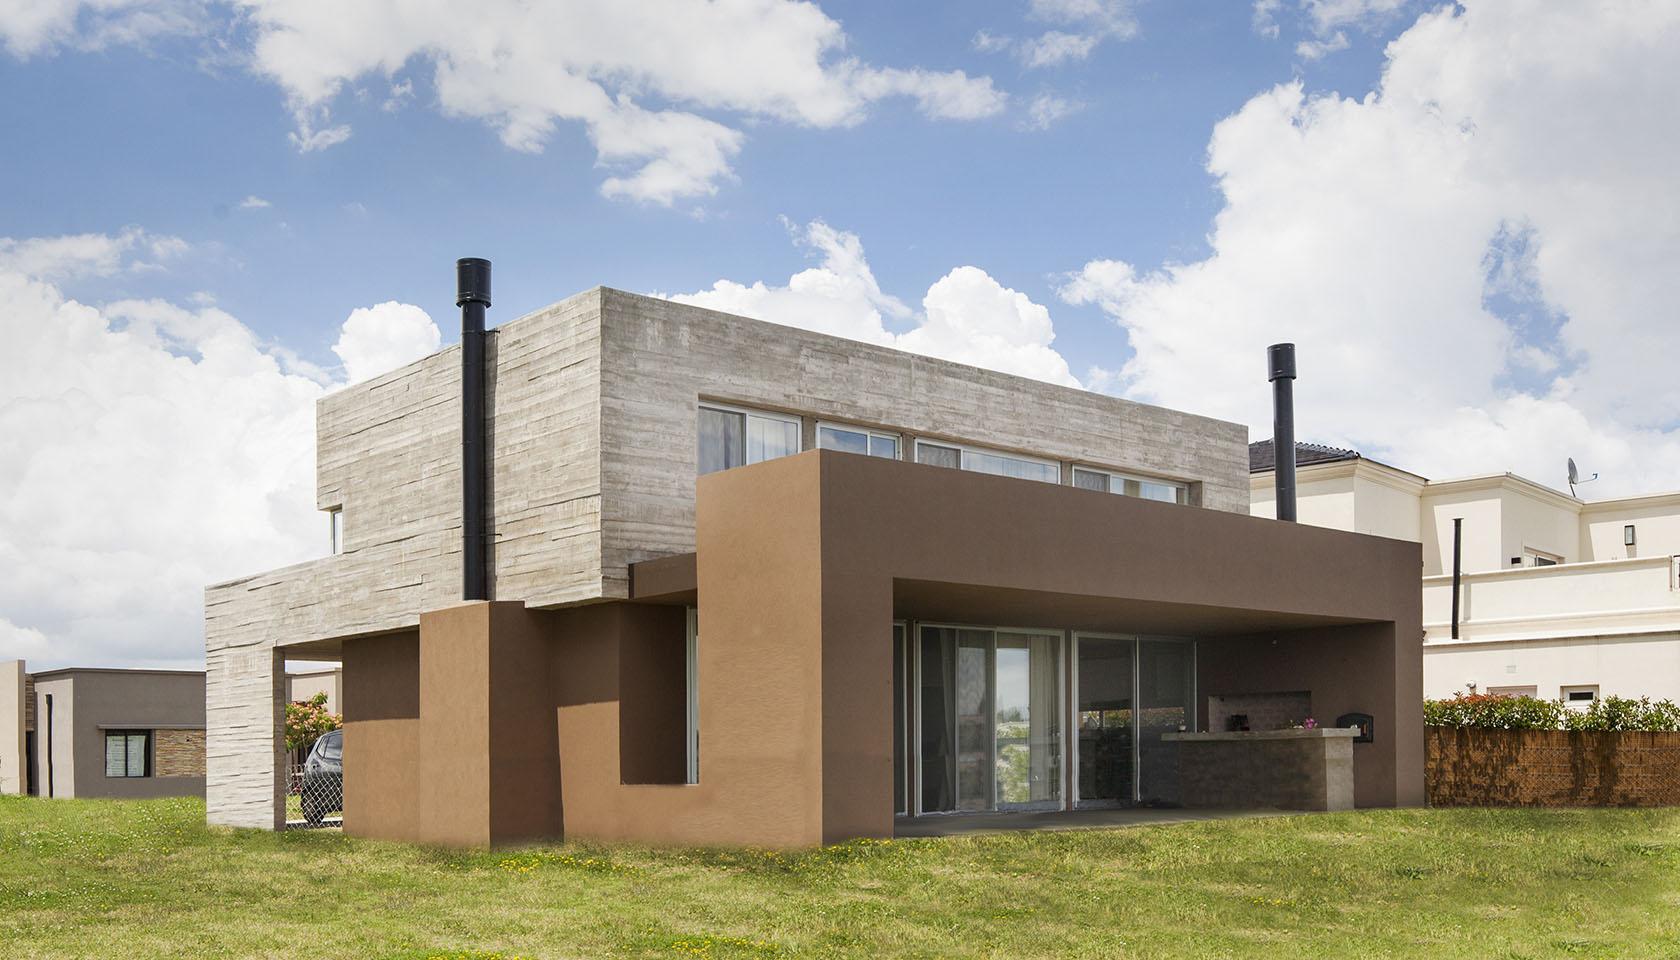 arquitectura minimalista, composición de volúmenes arquitectónicos, hormigón visto